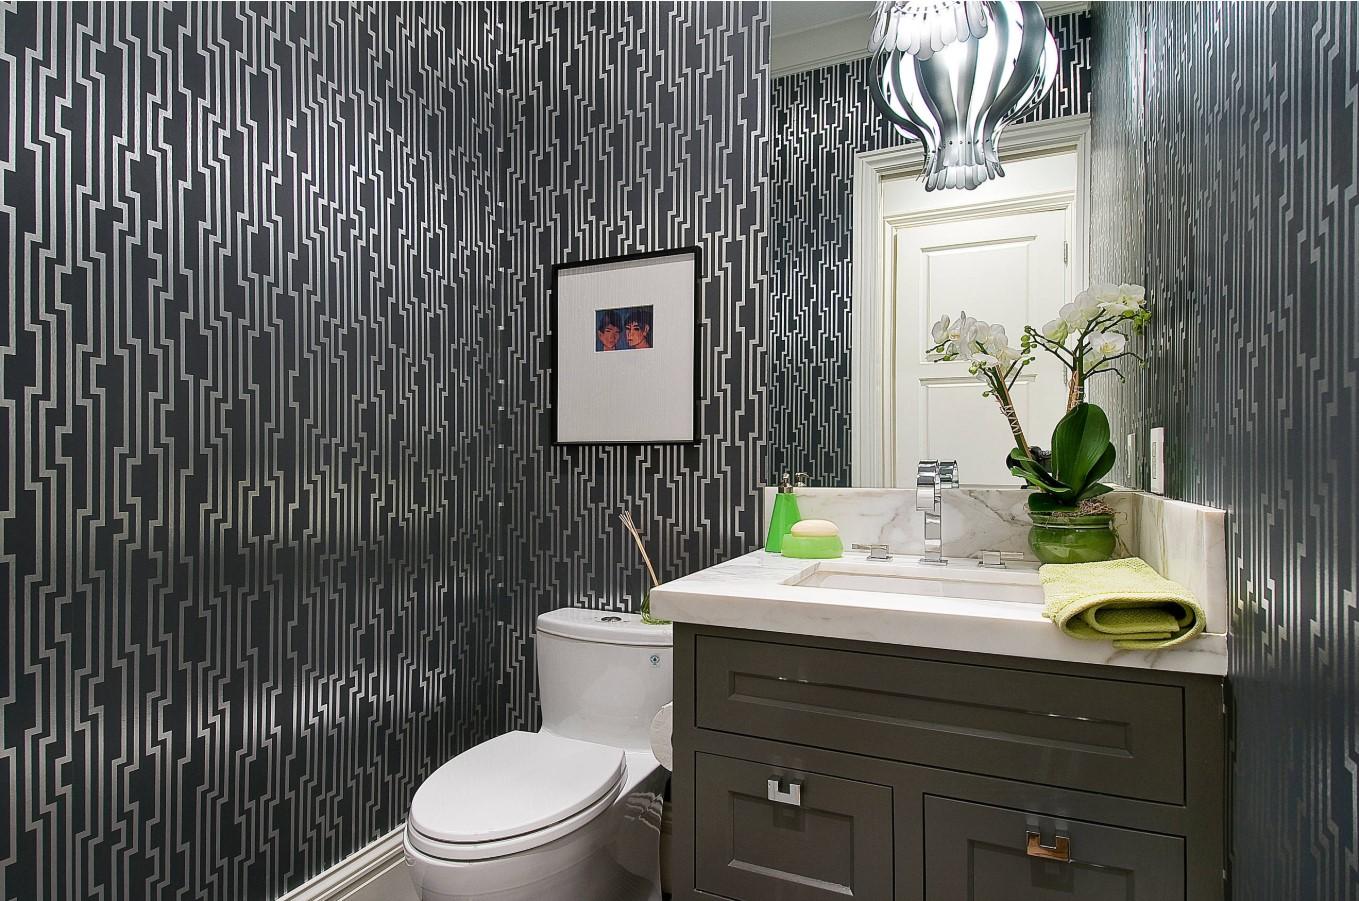 Зеленая ванная комната: варианты и стиль оформления интерьера в зеленых тонах